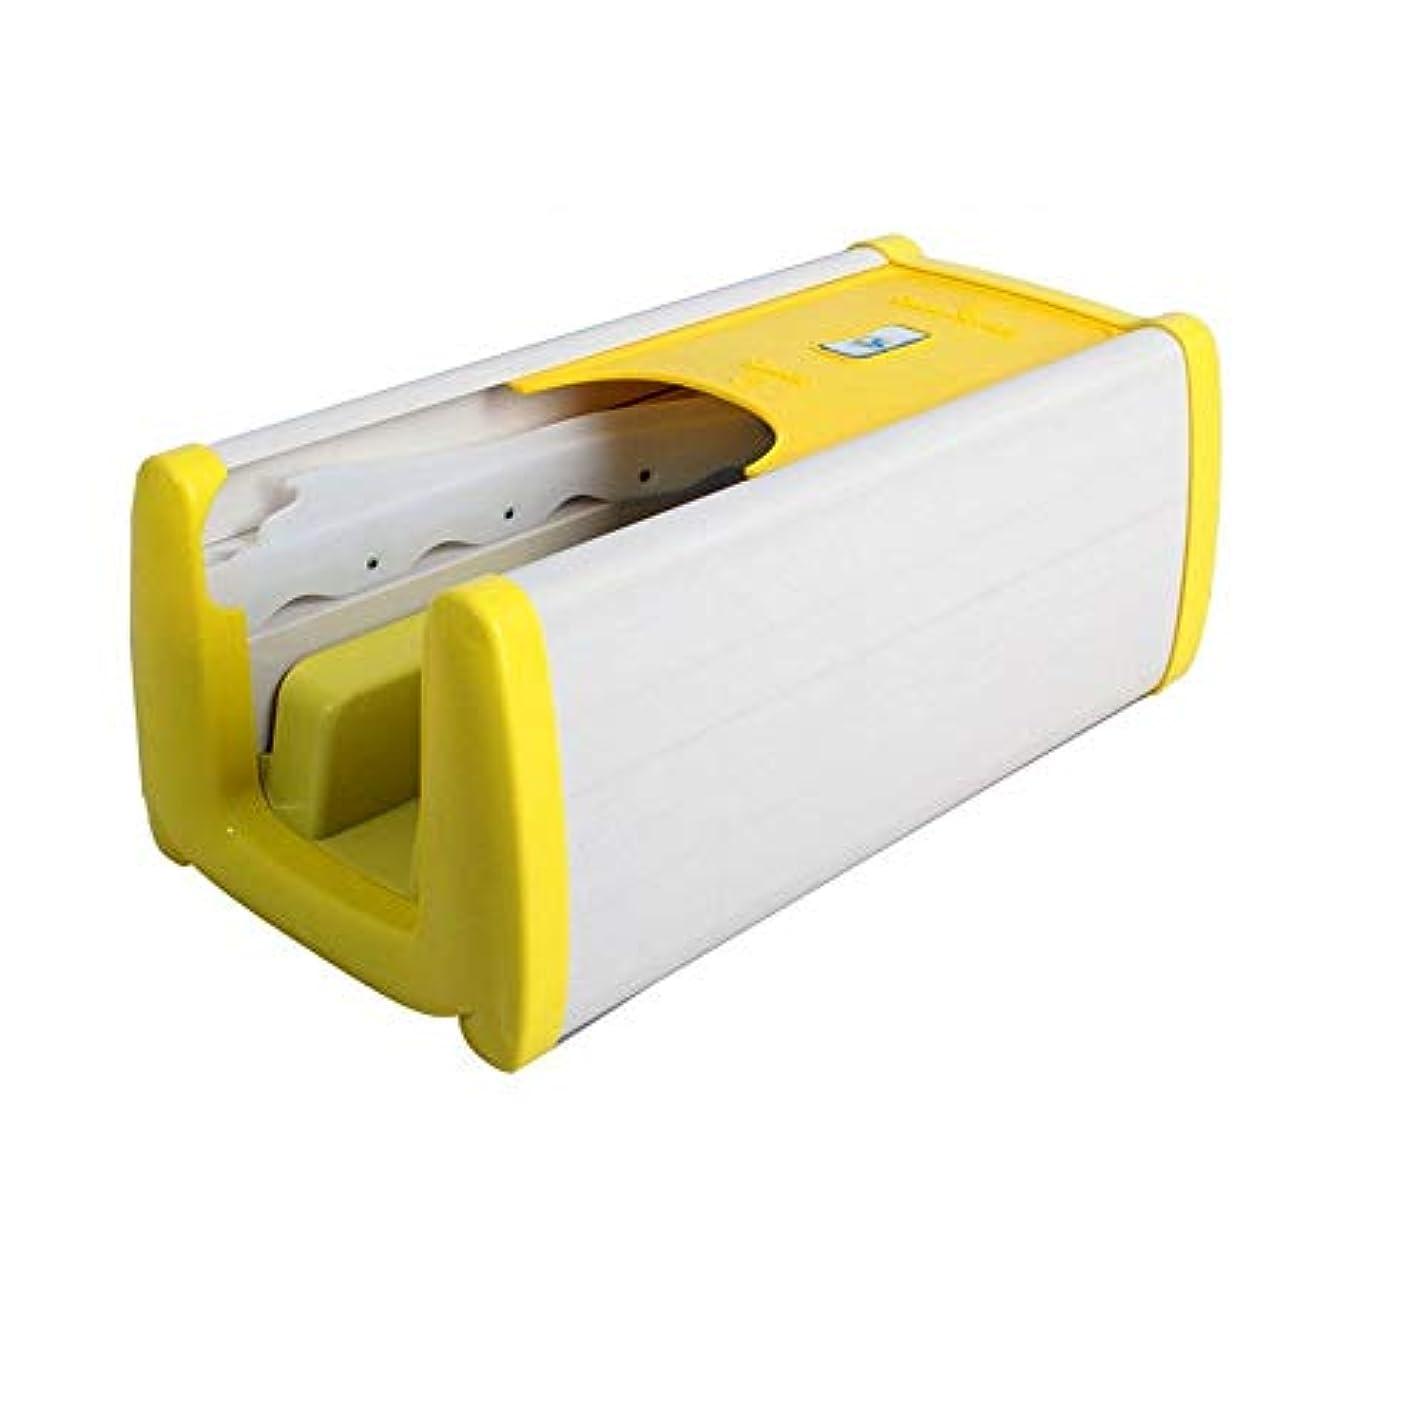 蜜はっきりしない牧師家庭用靴カバーマシン連続自動靴カバーマシンドラッグ型オーバーシューズマシンホームオフィス自己使用の小さな環境保護 (Color : Yellow)